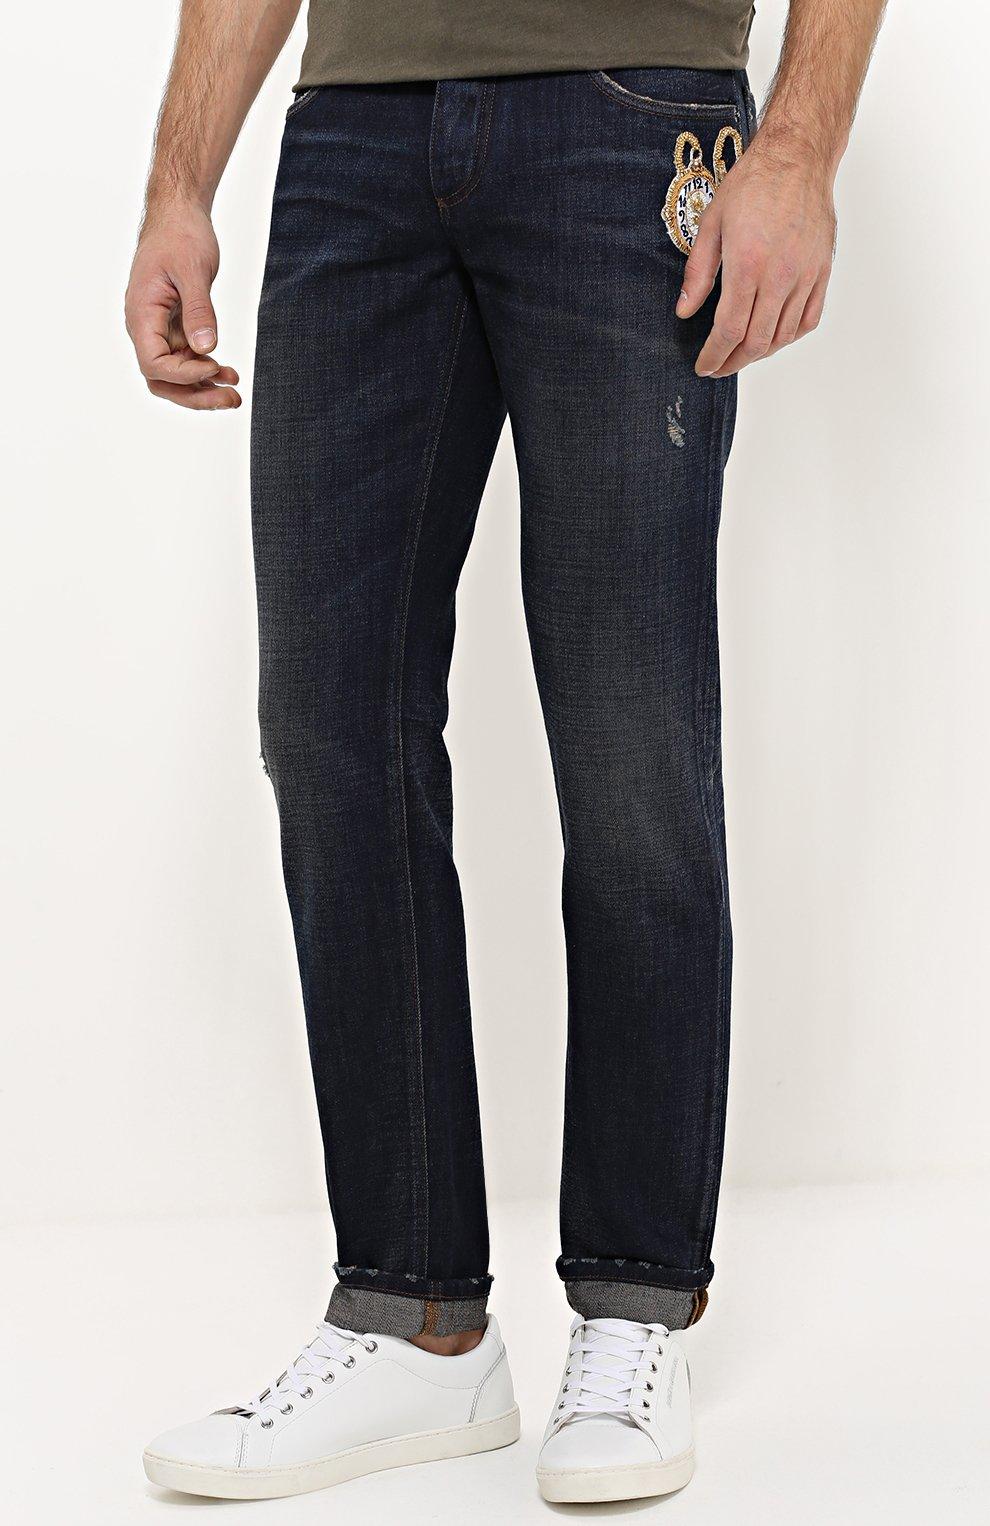 Зауженные джинсы с потертостями и вышивкой Dolce & Gabbana синие | Фото №3